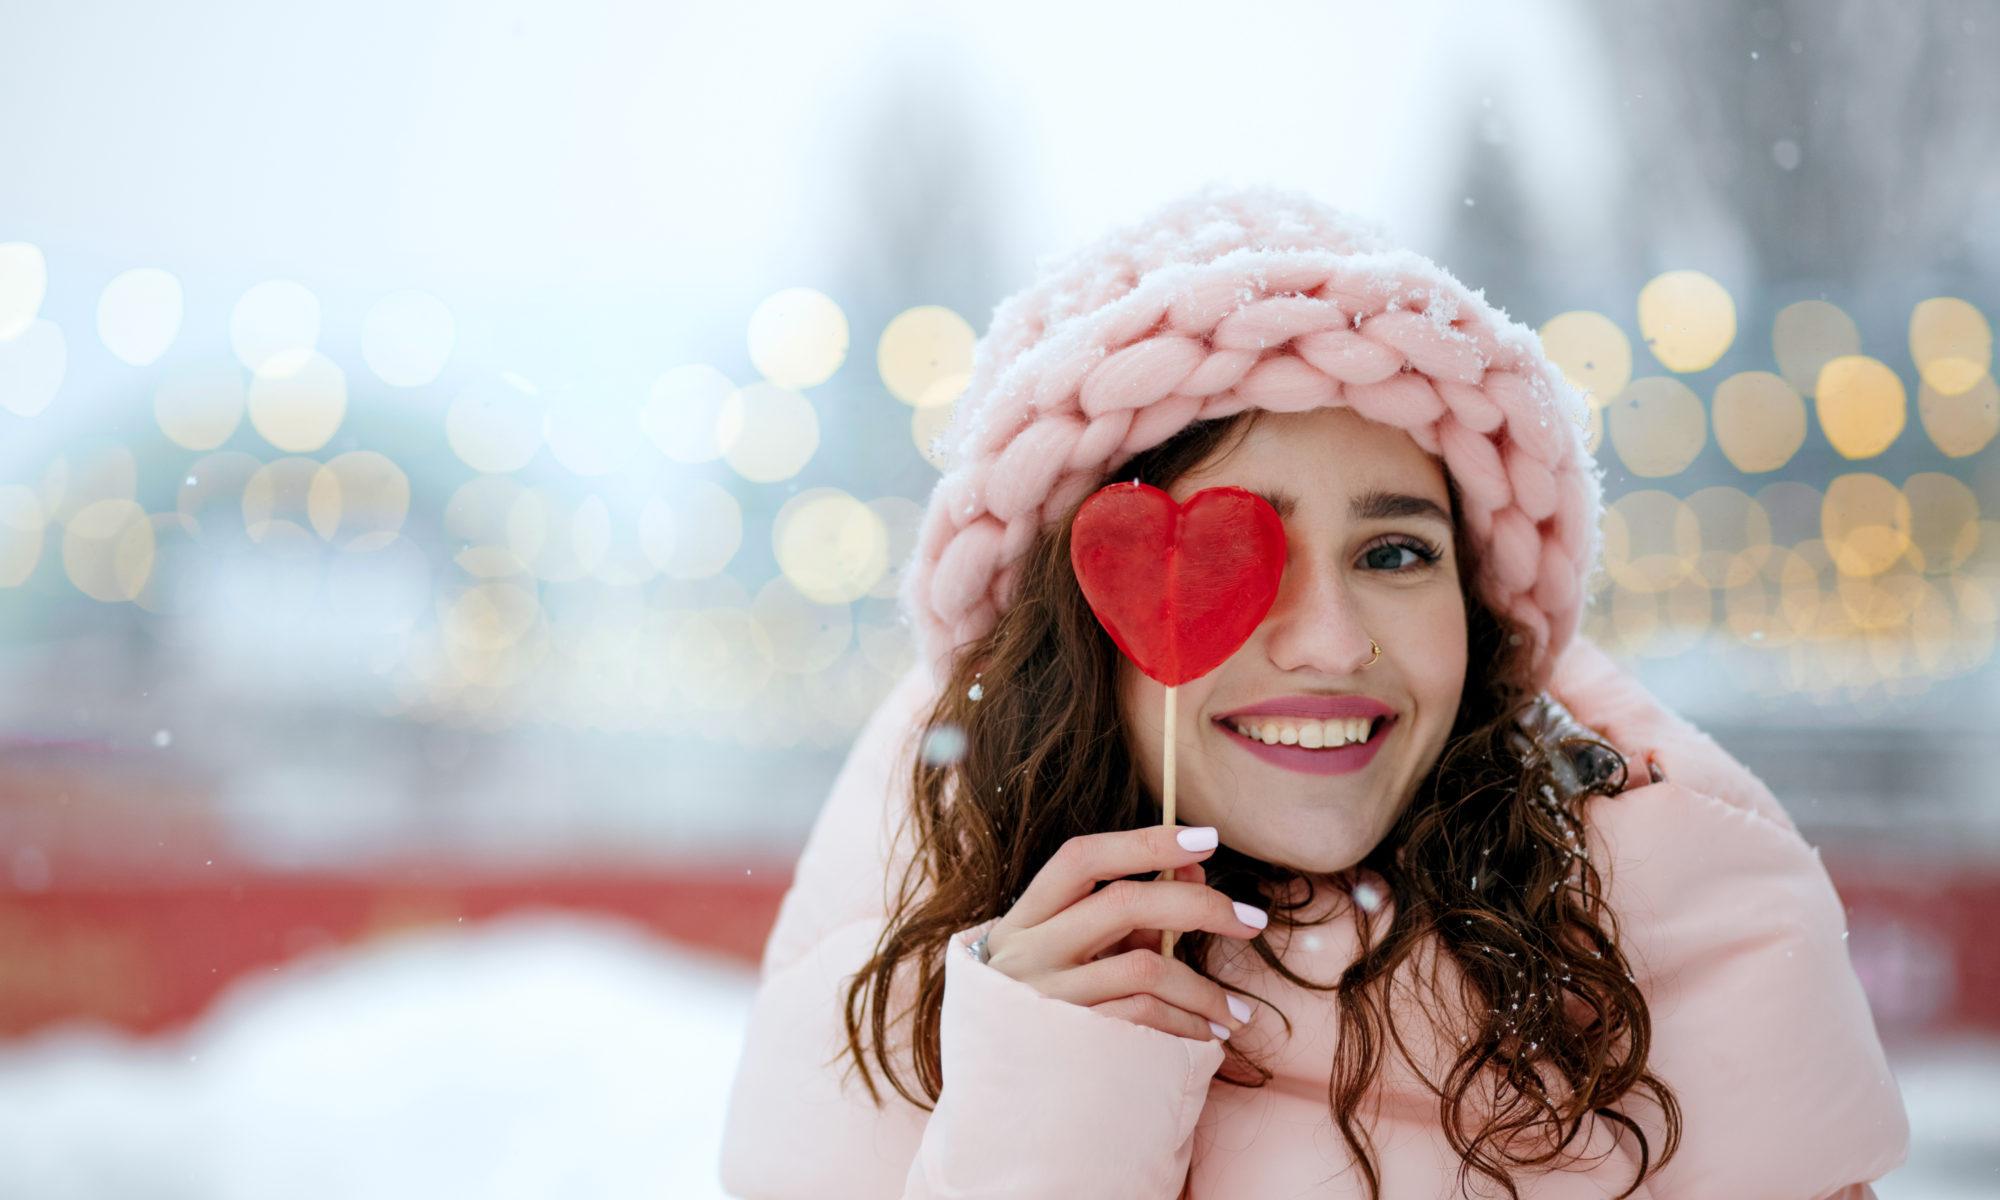 Dziewczyna w różowym stroju zimowym z lizakiem w kształcie serca przy oku